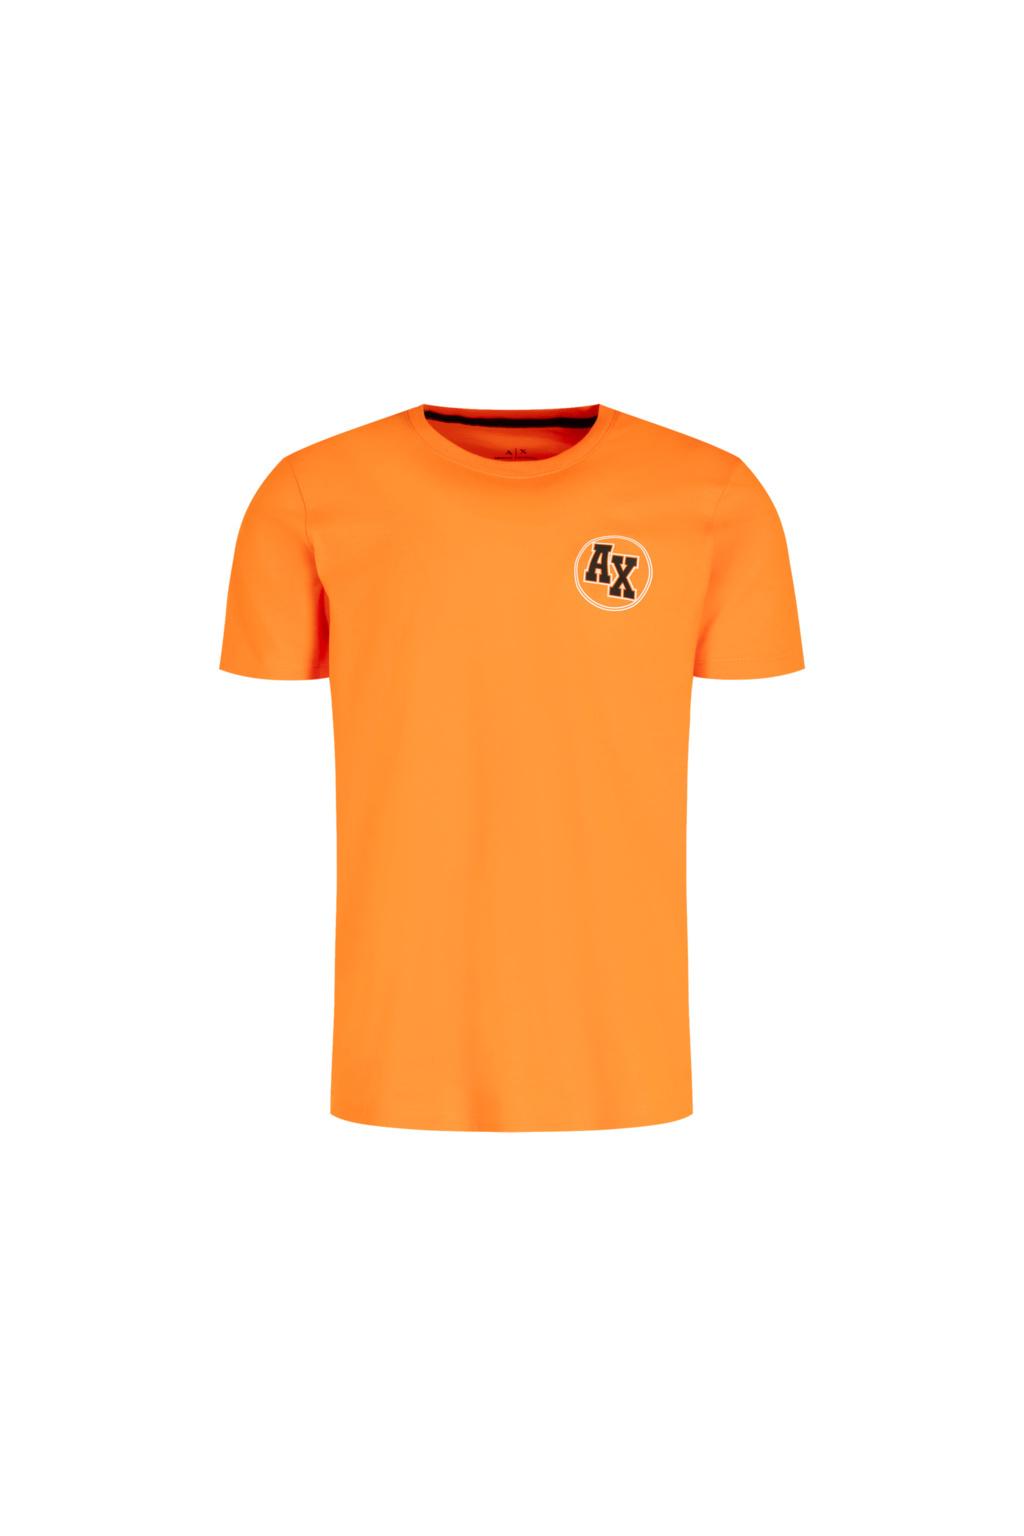 3HZTFE ZJBVZ Pánské tričko Armani Exchange oranžové